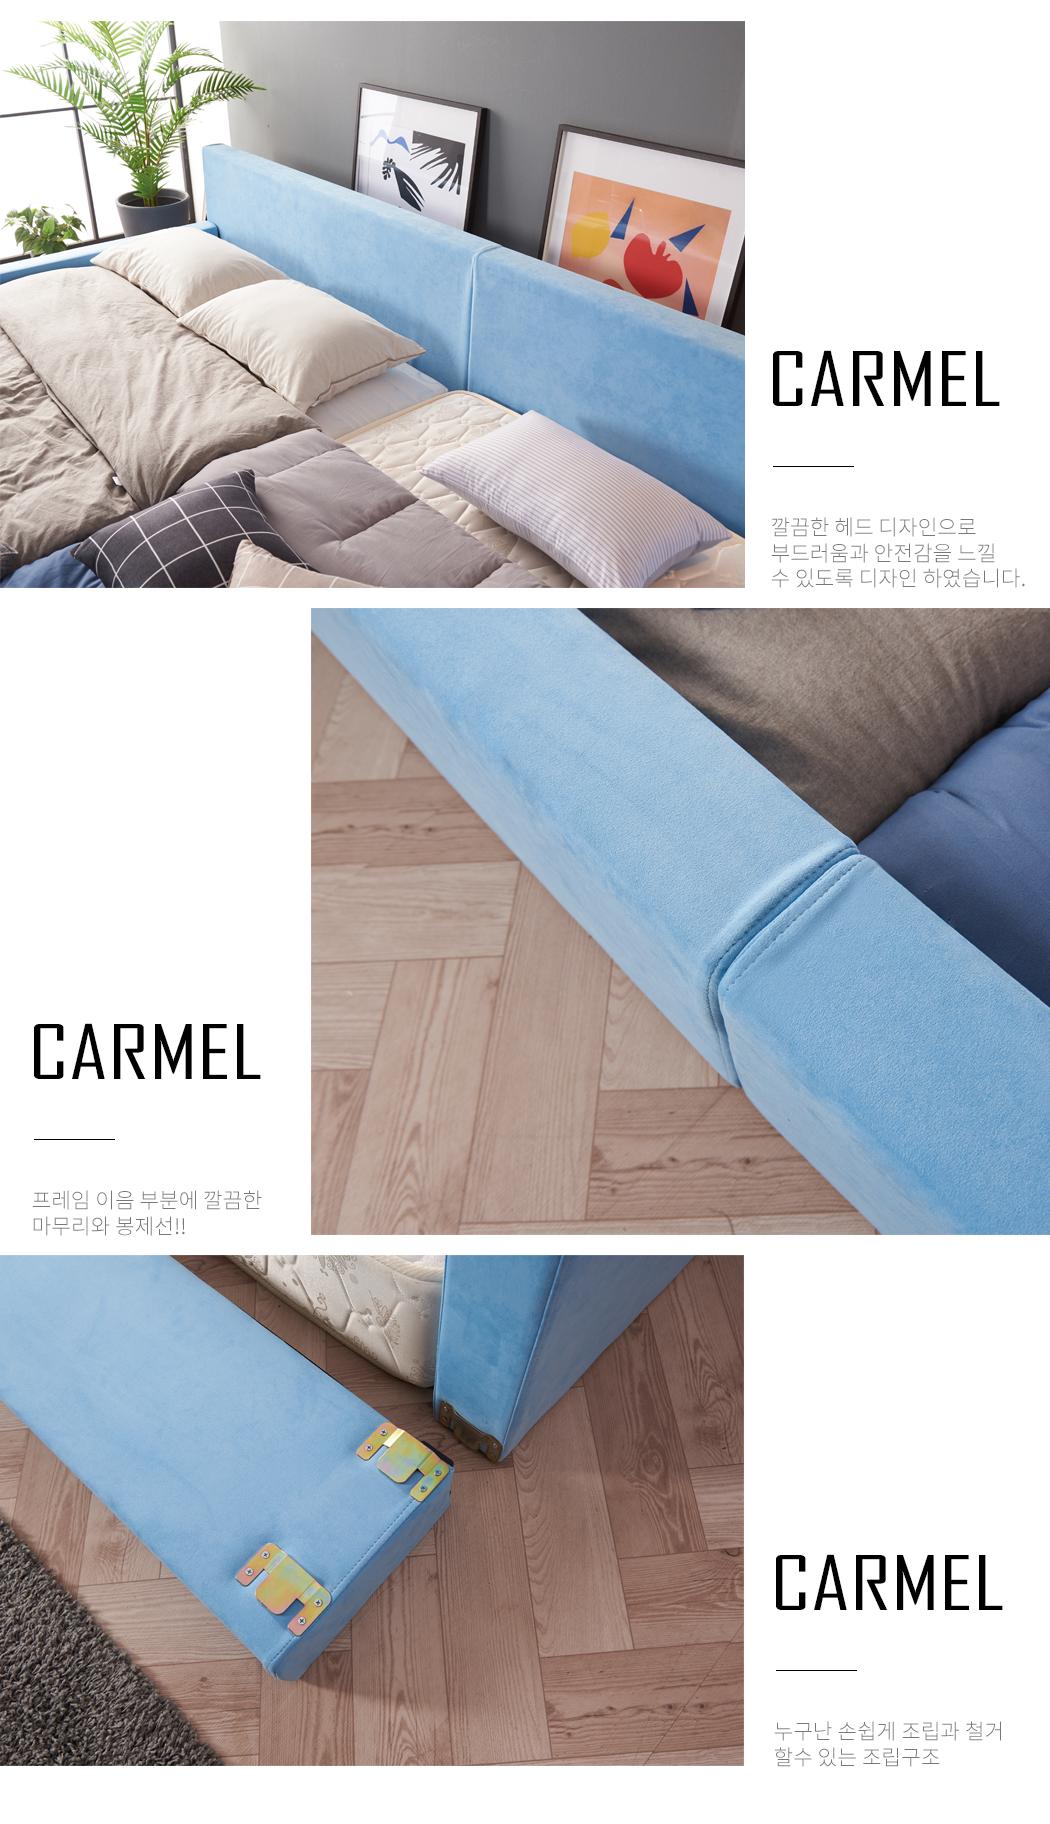 Carmel_07.jpg